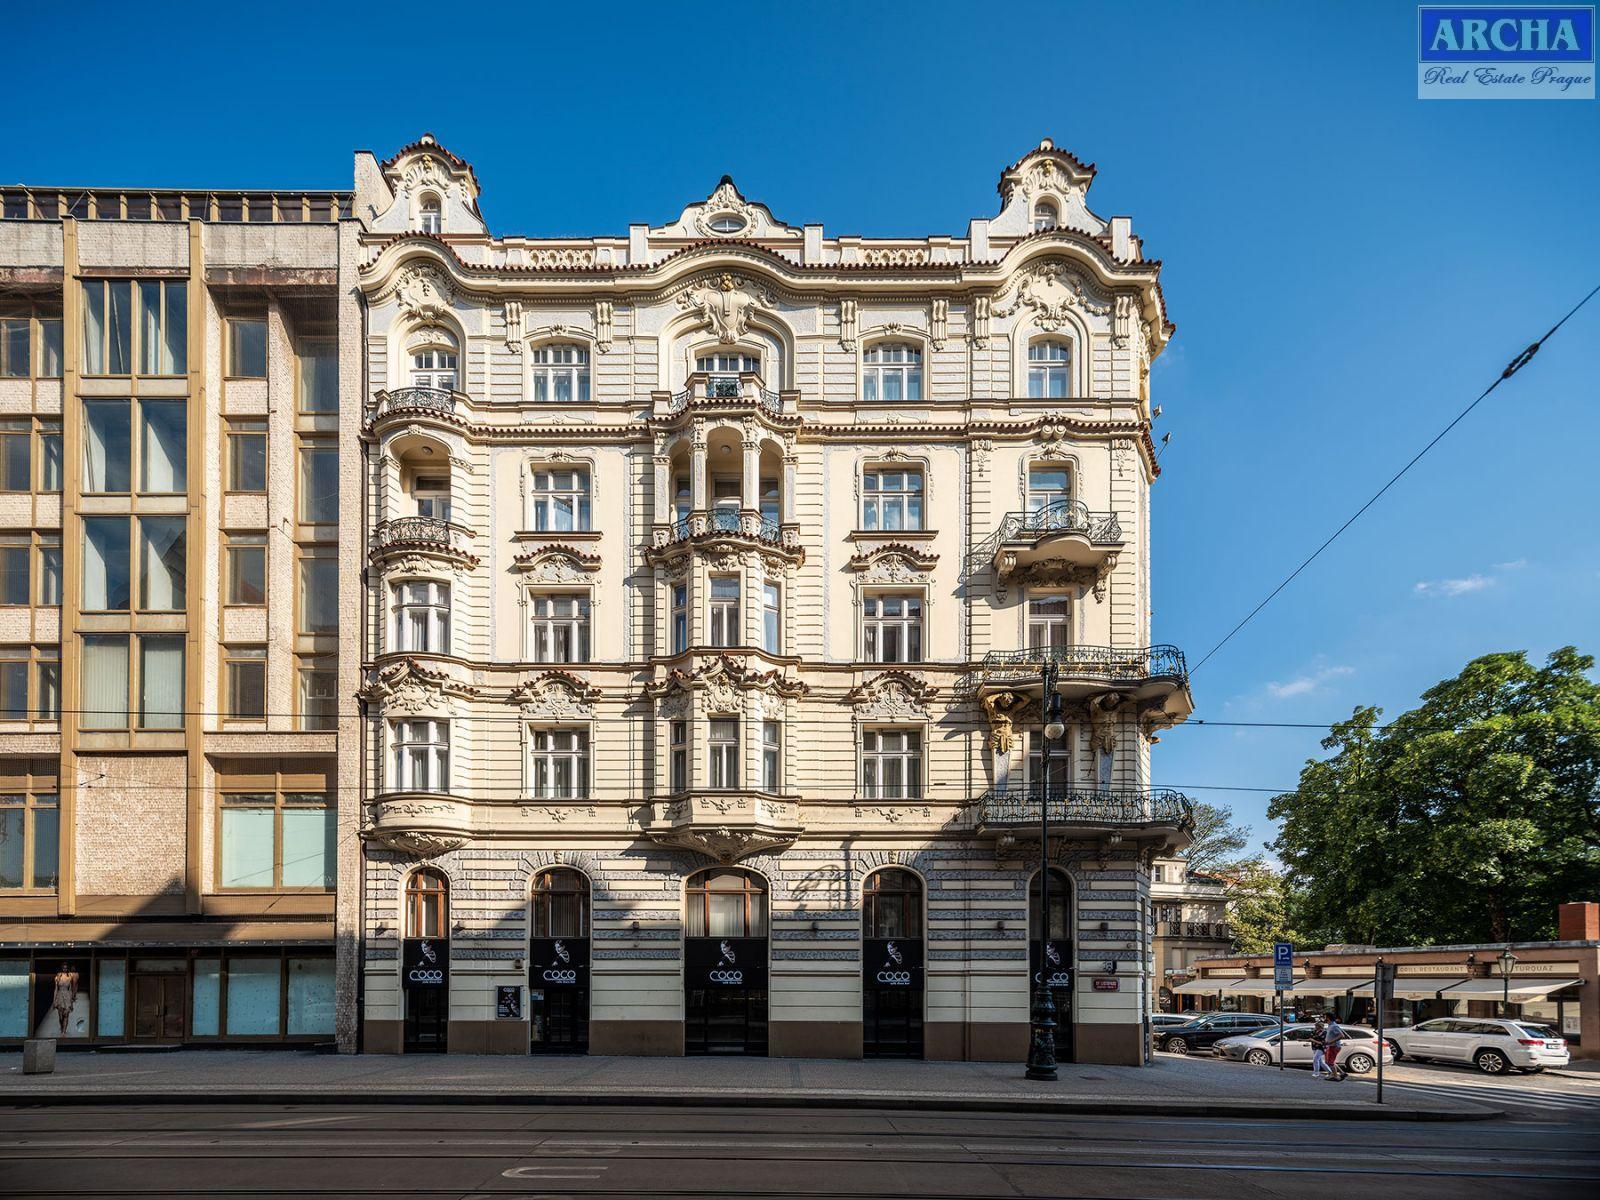 Nájem nebytového prostoru 213 m2, přízemí, Břehova, Praha 1 Centrum